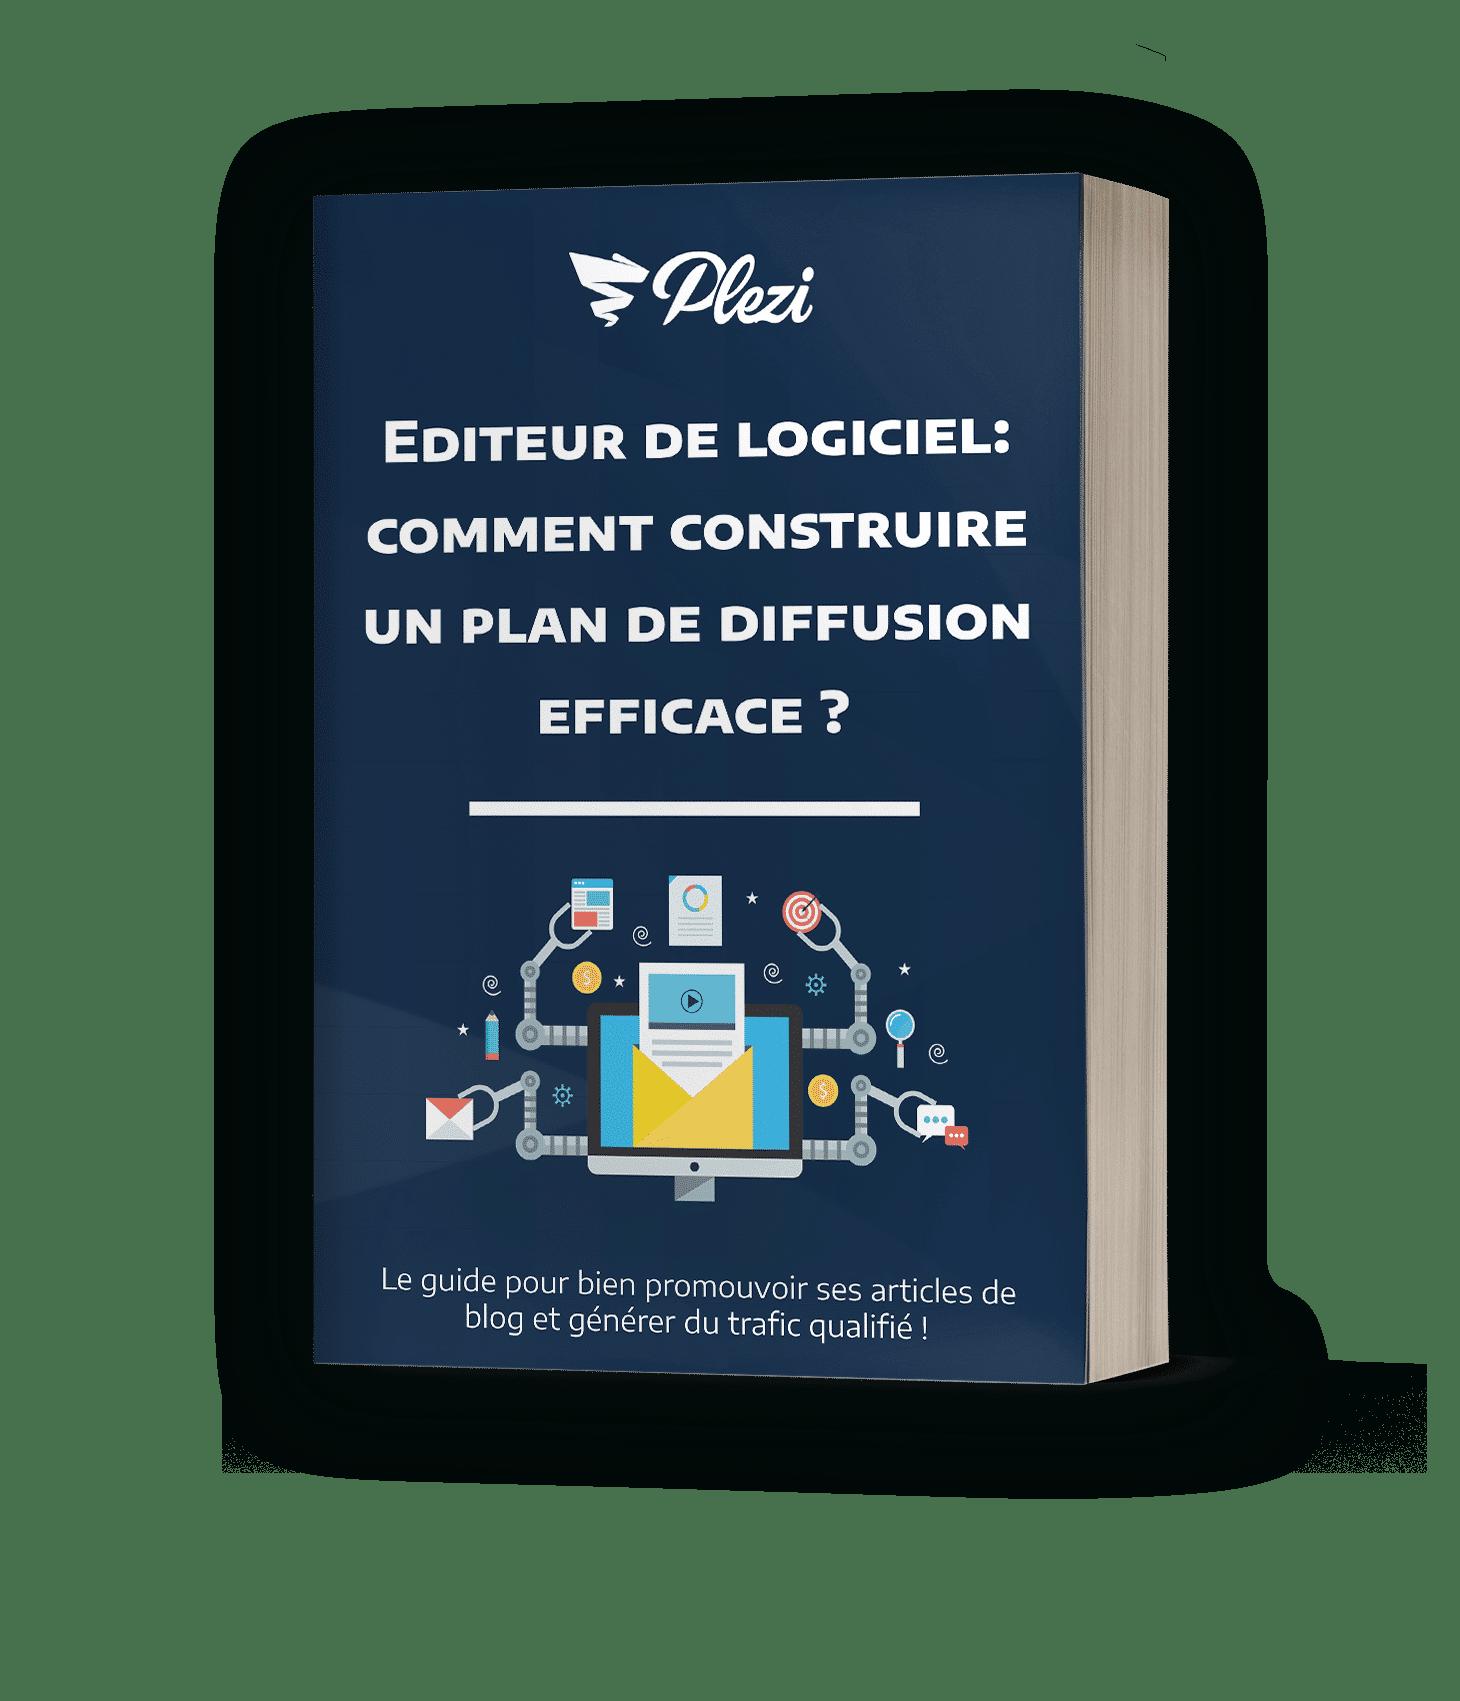 Editeur de logiciel : comment construire un plan de diffusion efficace ?